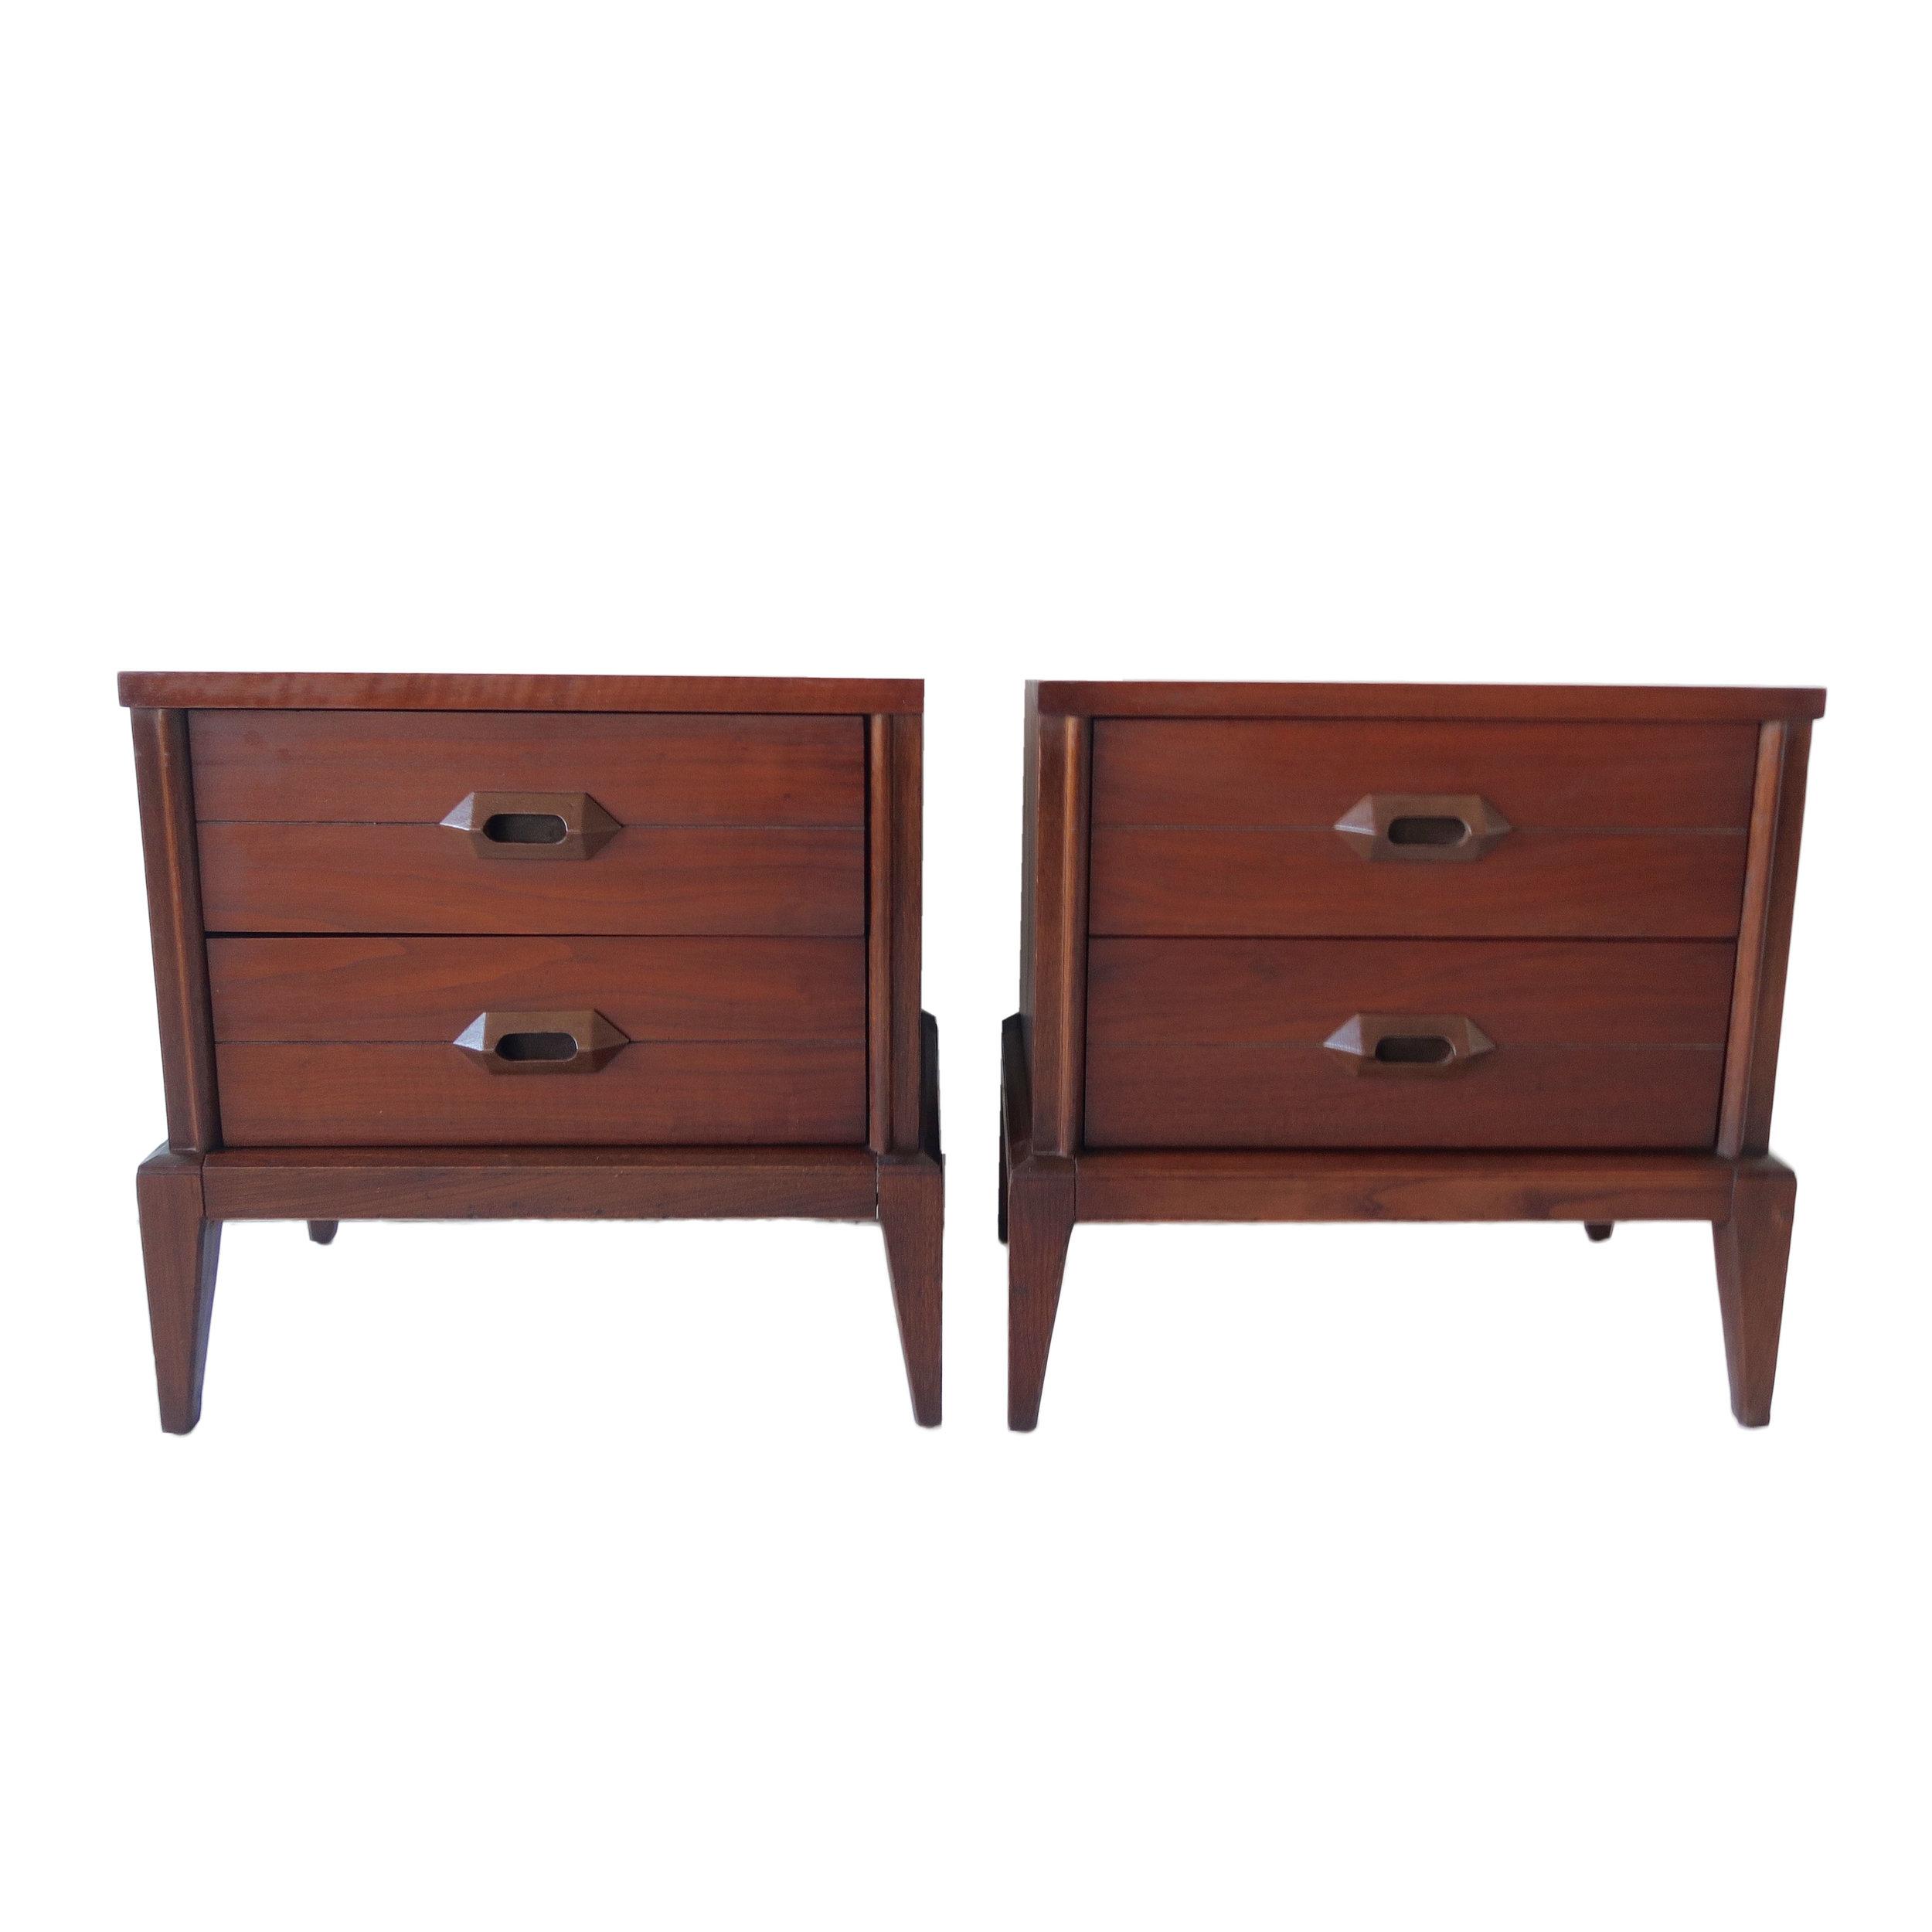 vintage mid century modern basic witz nightstands.jpg